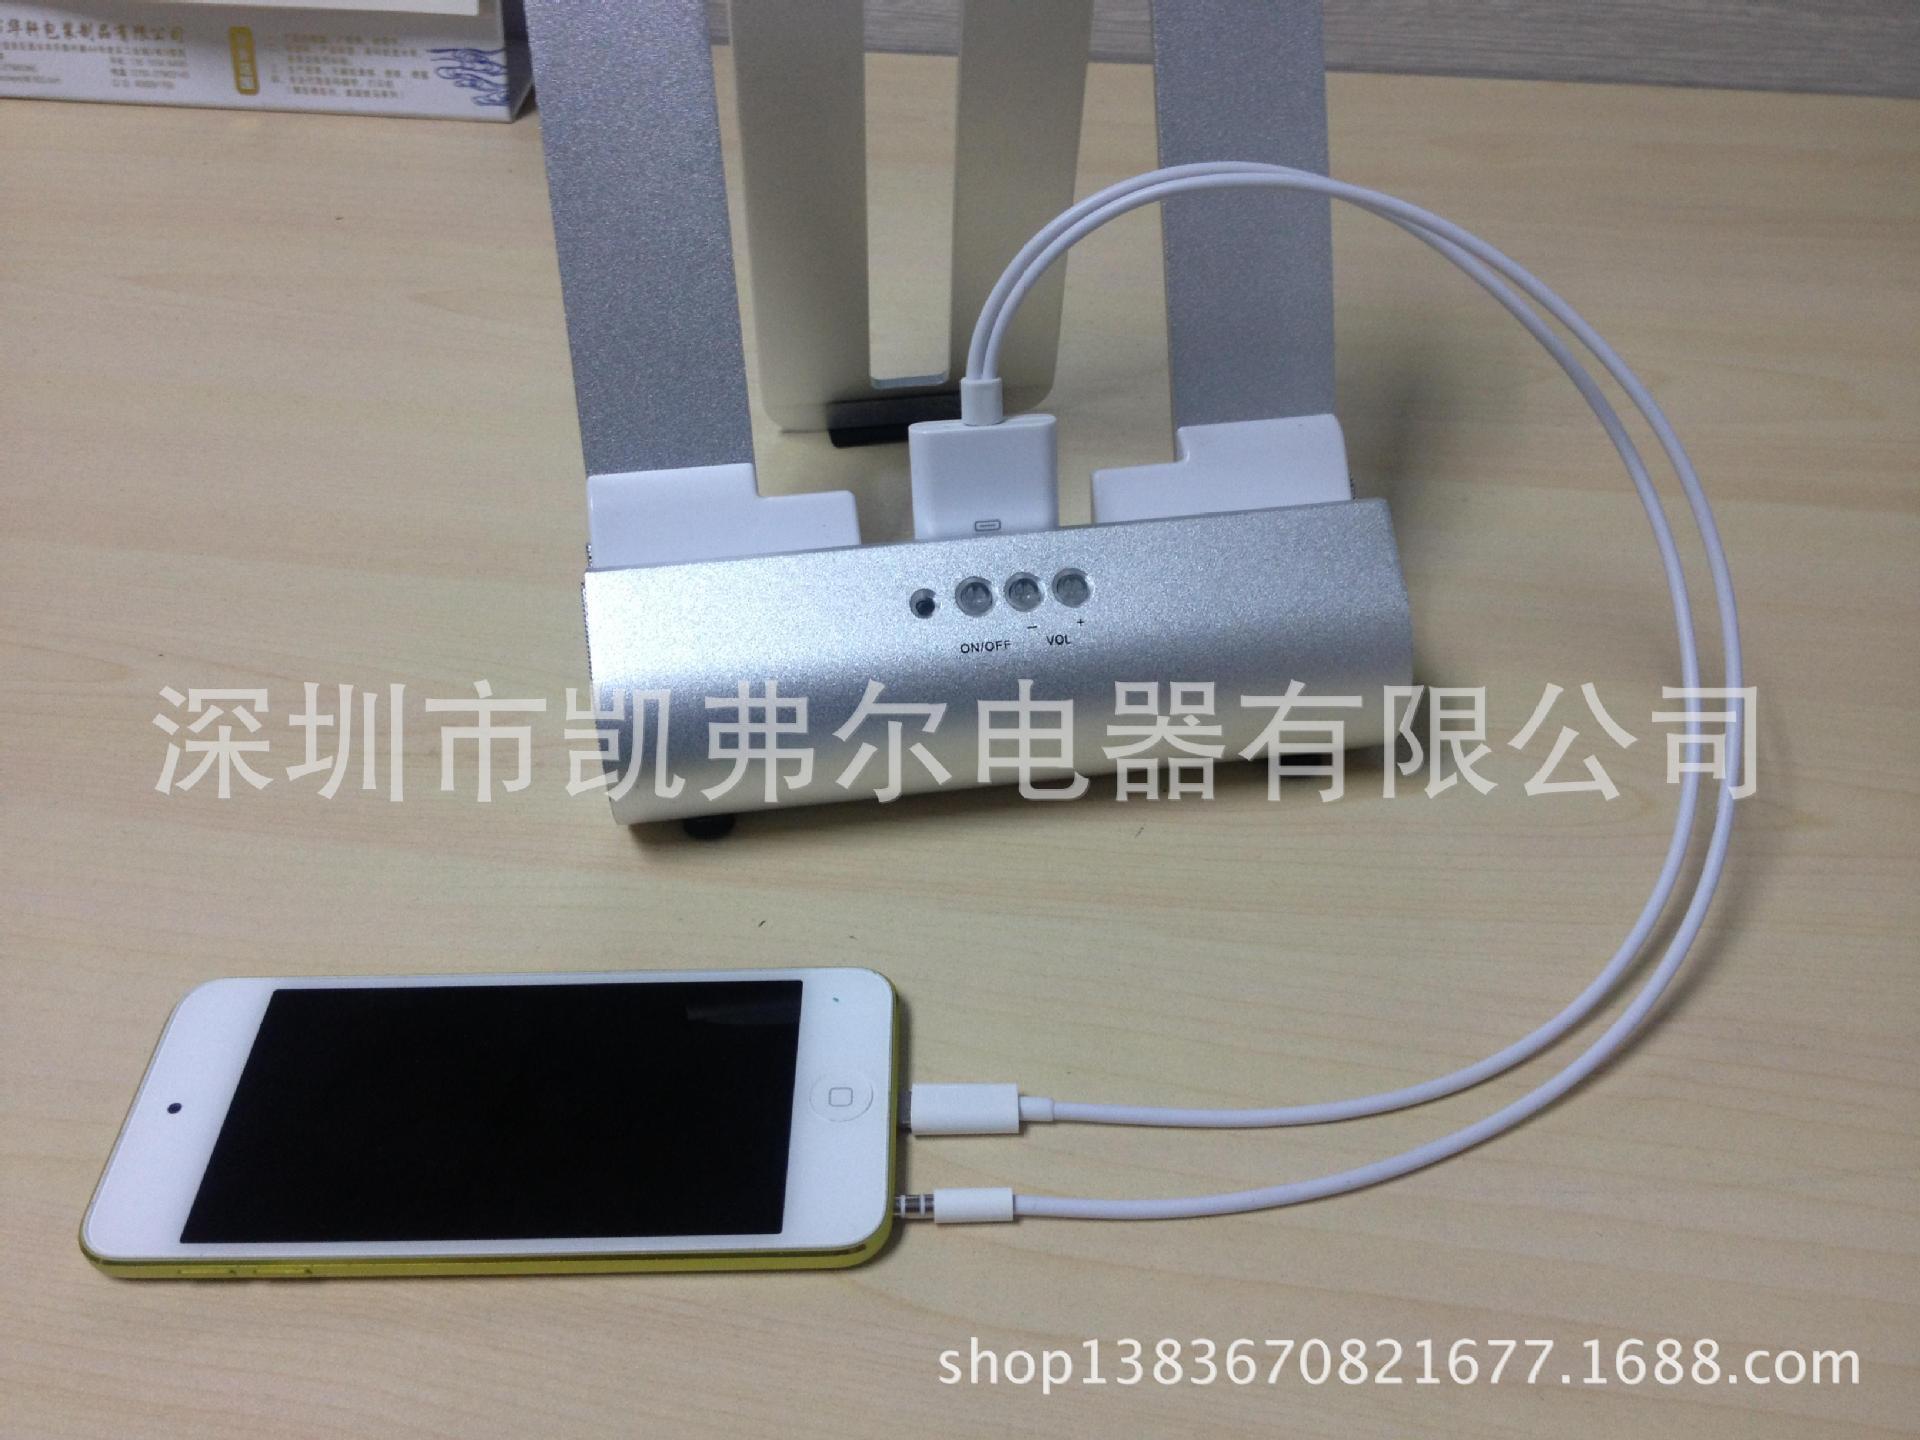 【苹果iphone5s音频转接线】广东深圳苹果iphone5s线